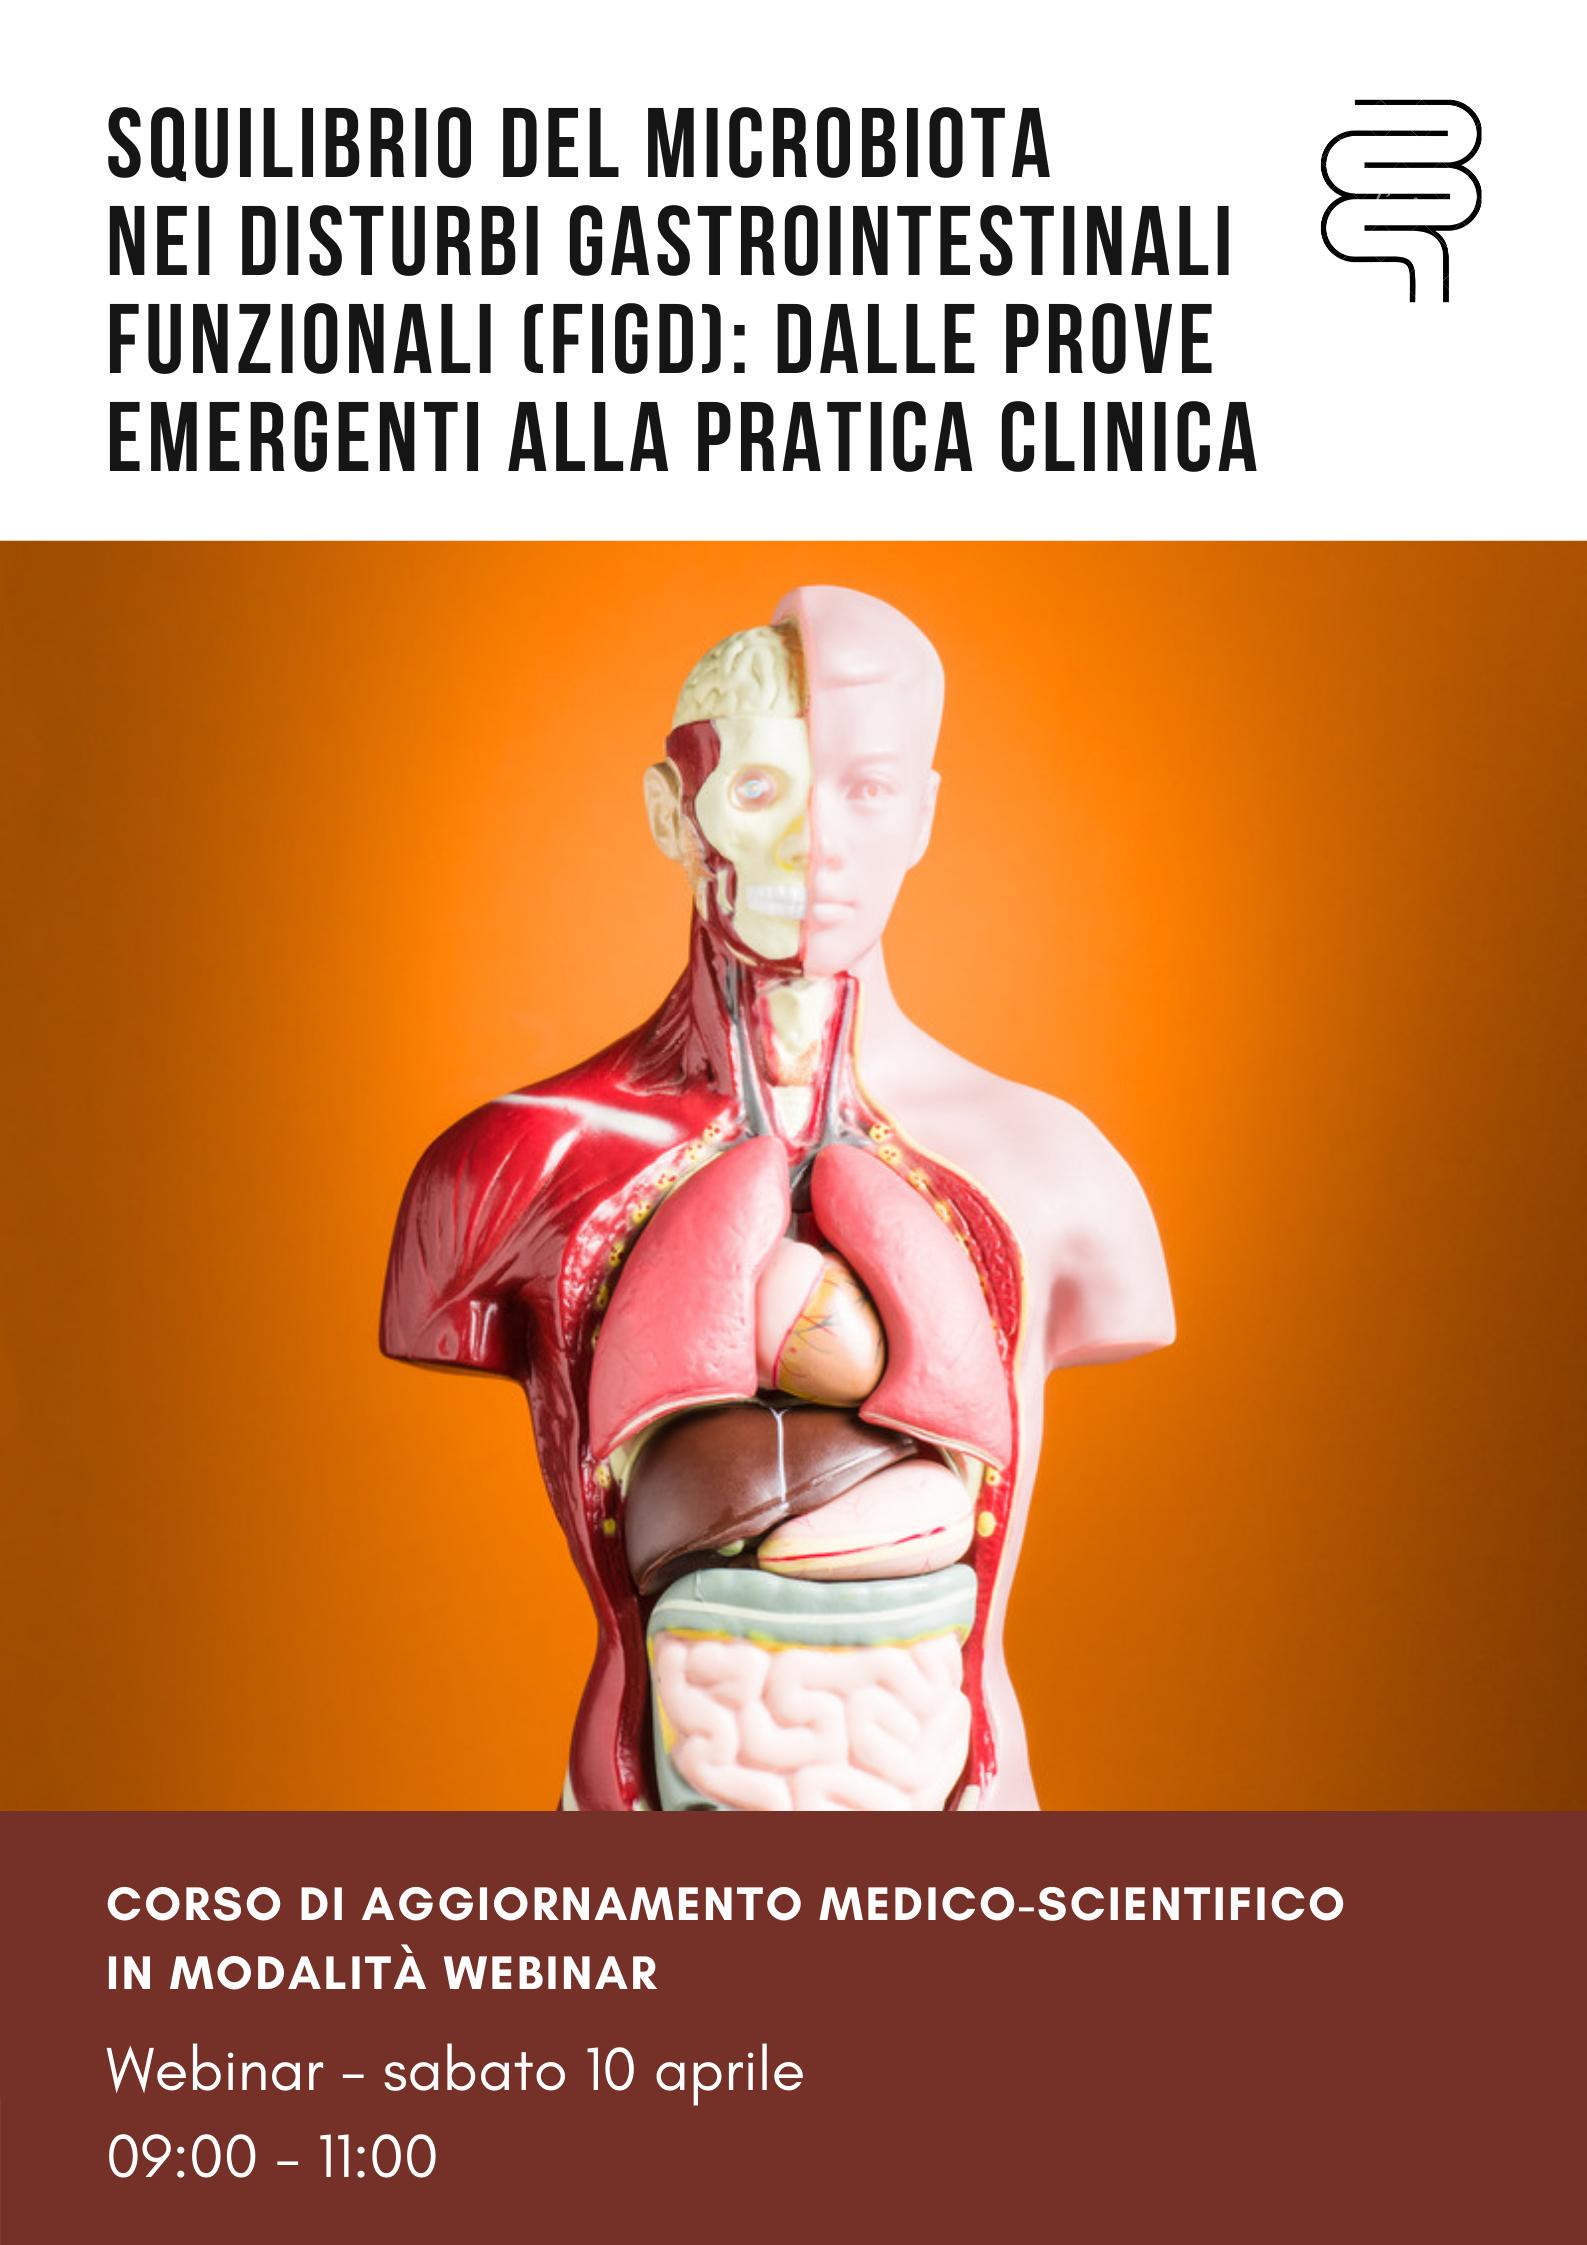 Squilibrio del microbiota nei disturbi gastrointestinali funzionali (figd): dalle prove emergenti alla pratica clinica